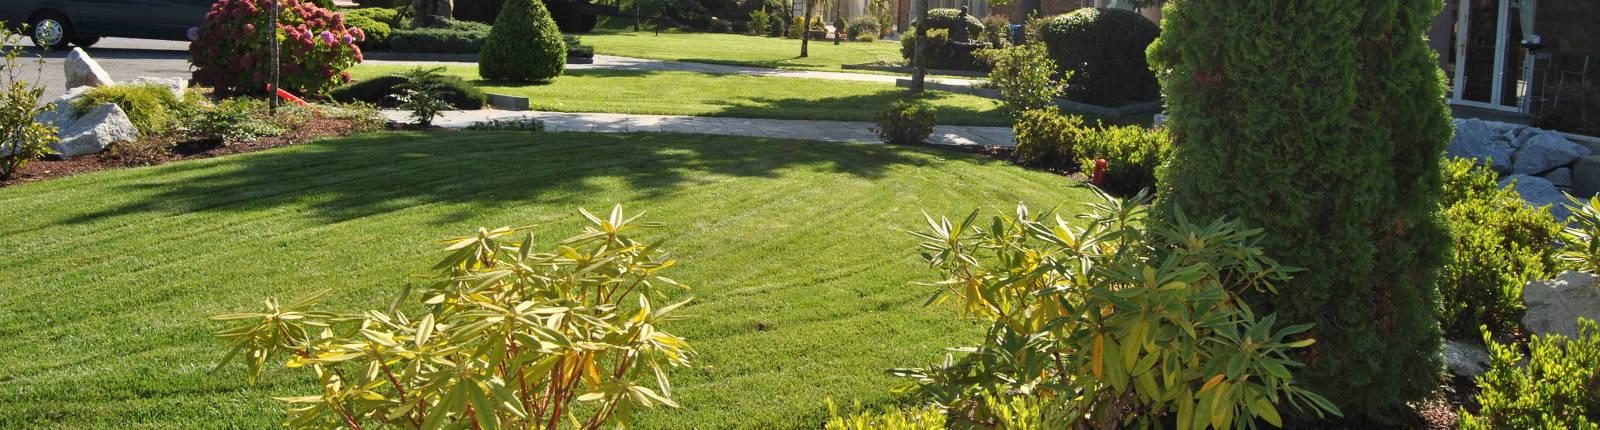 Servicio Jardinería: Puesta a punto de tu casa de veraneo